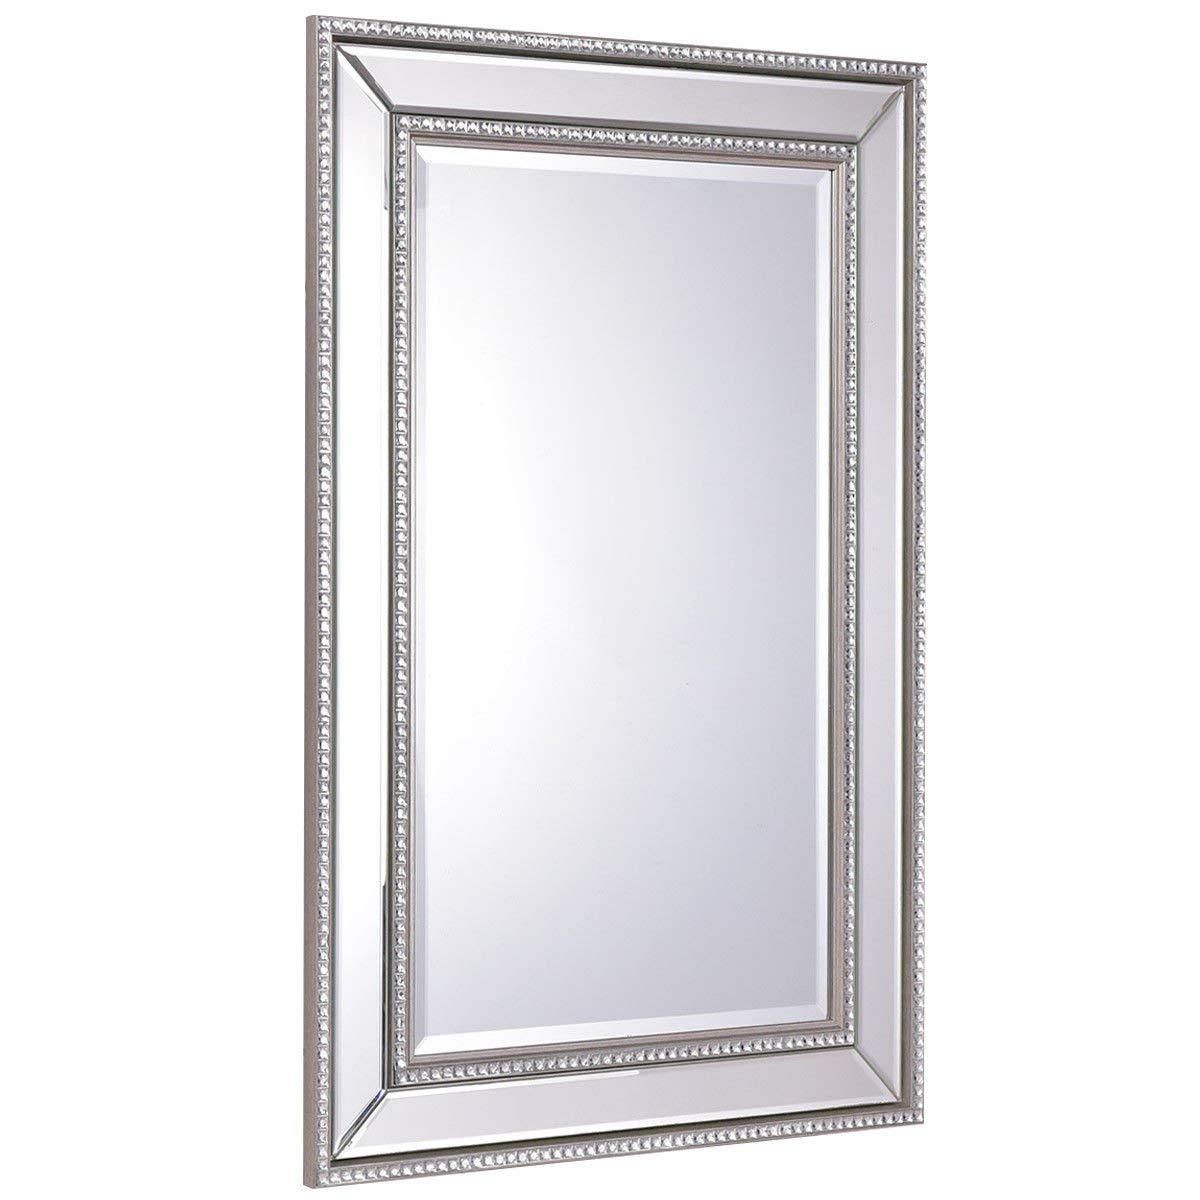 Tangkula 24'' x 36'' Wall Mirror Wall Mounted Wood Frame Rectangular Bathroom Vanity Mirror